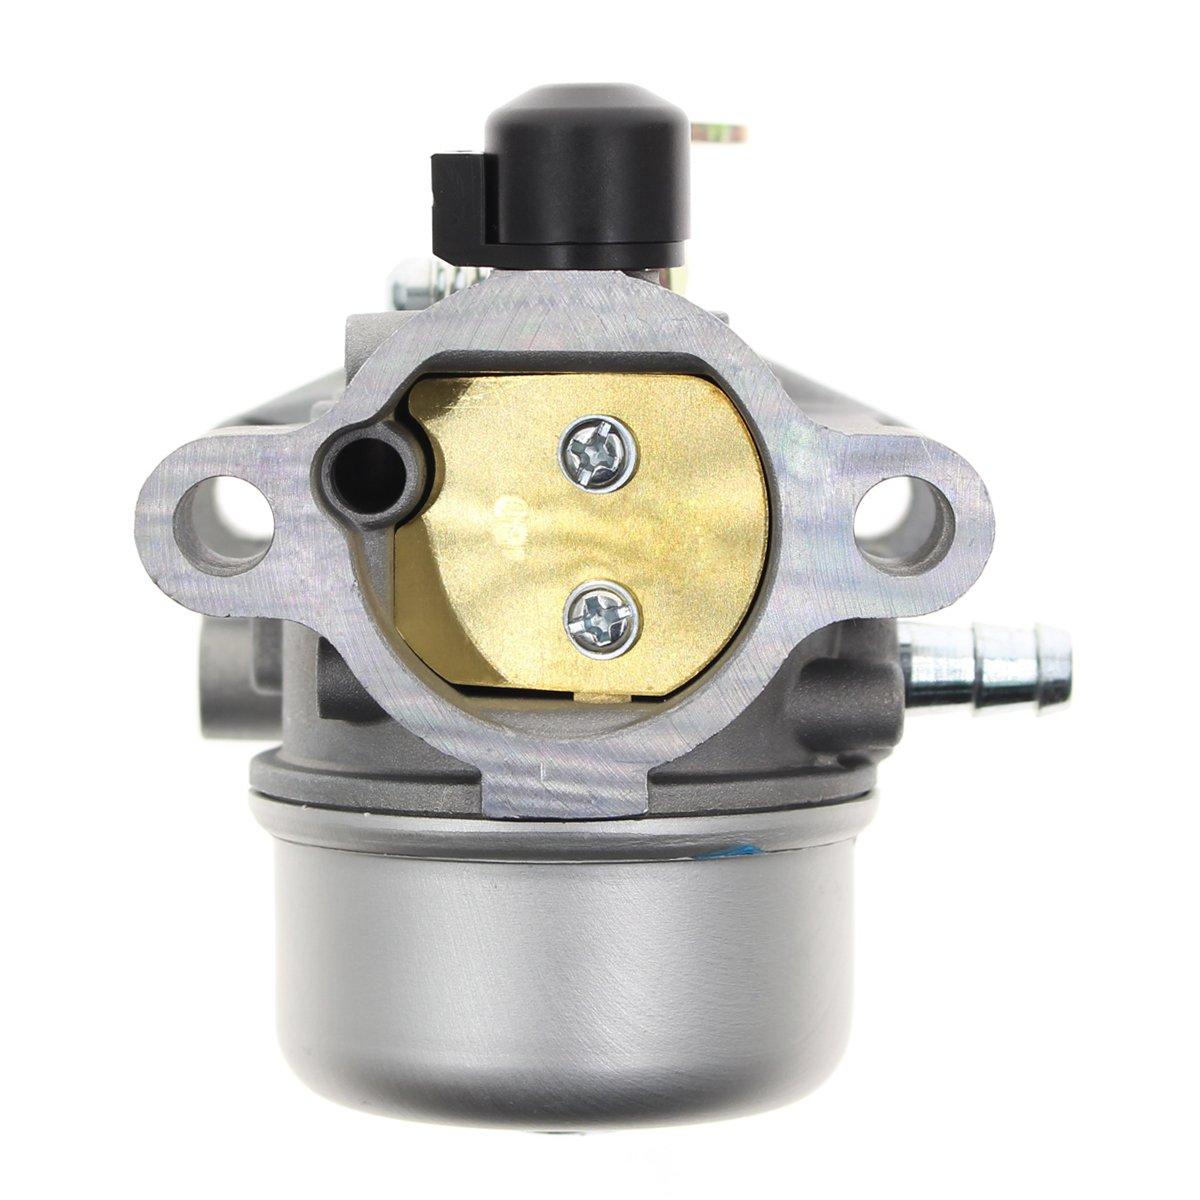 Carburetor Carb Gasket For John Deere Am125355 Lt133 L110 Wiring Harness Lt150 Lt155 Ltr155 Gs30 Automotive